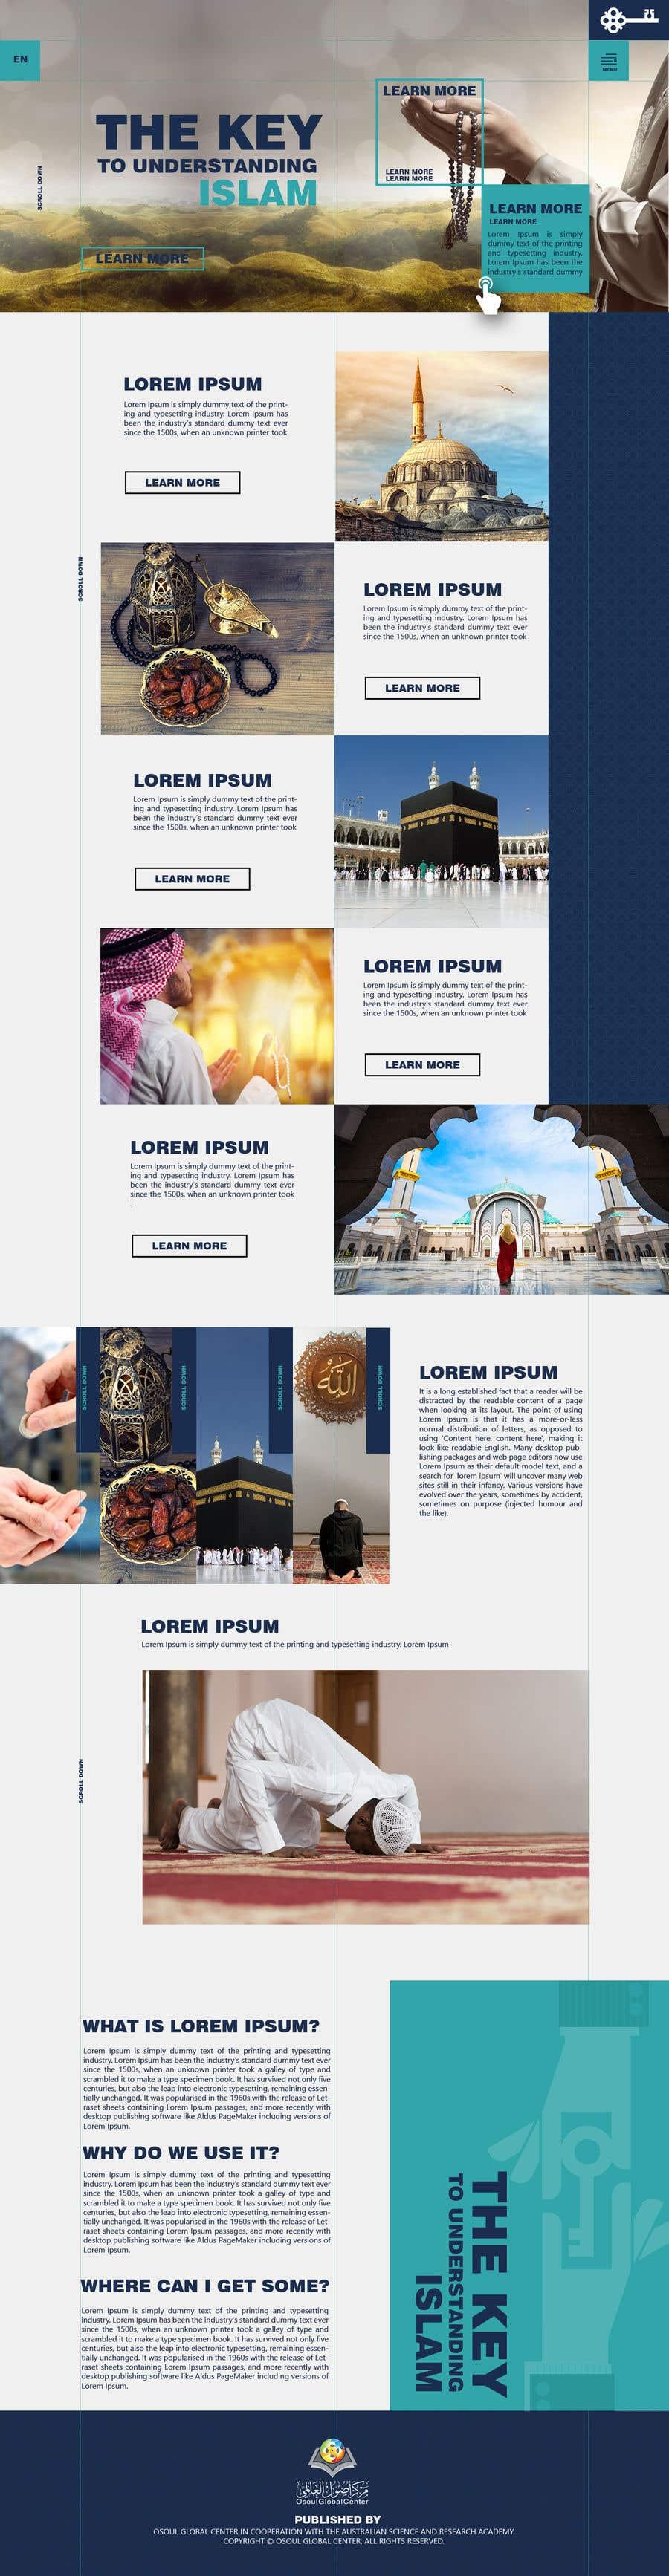 WordPress design - fully responsive | Freelancer